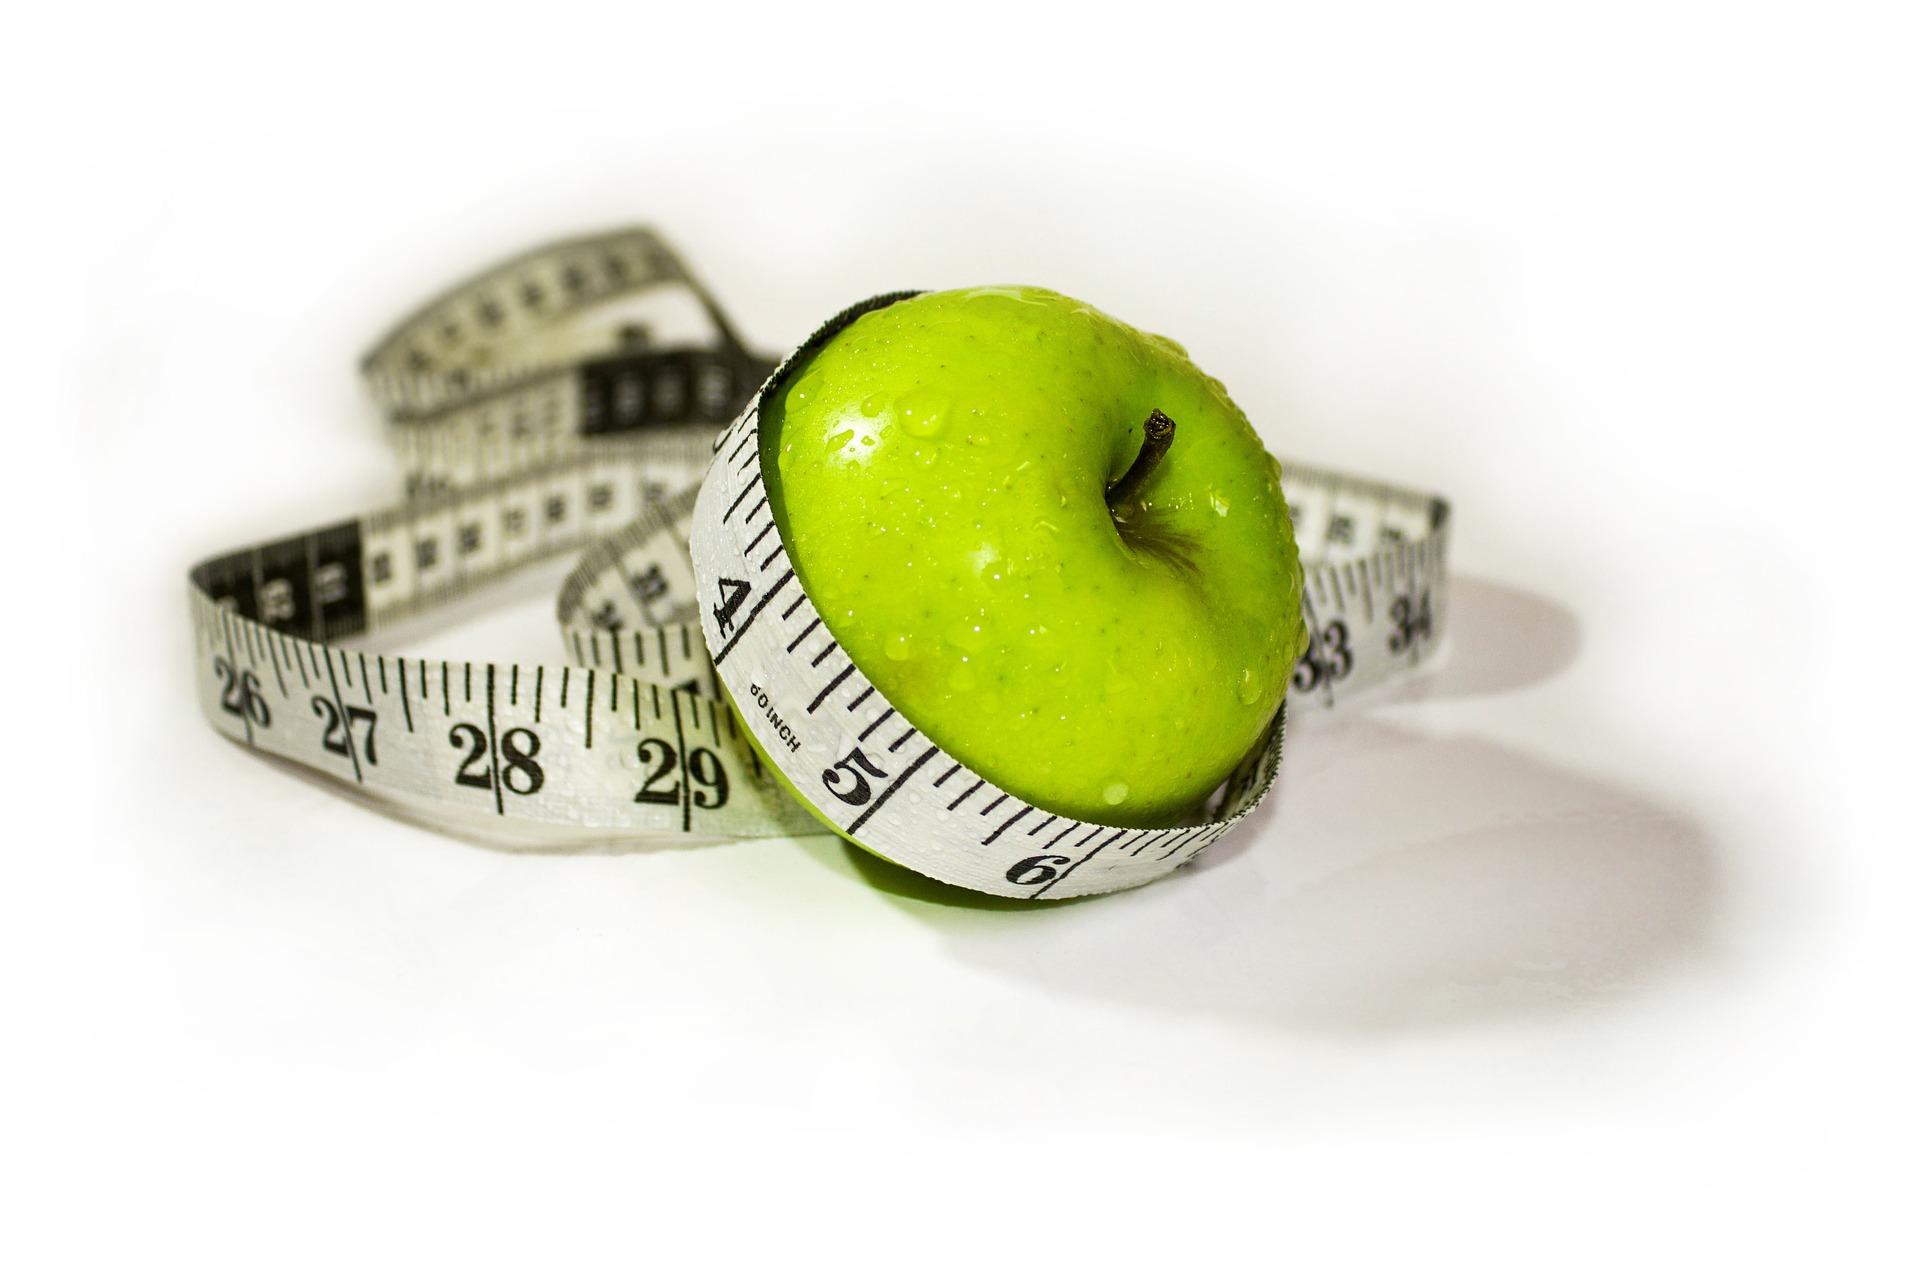 ダイエットはできますか?痩せますか?についてお答えします。